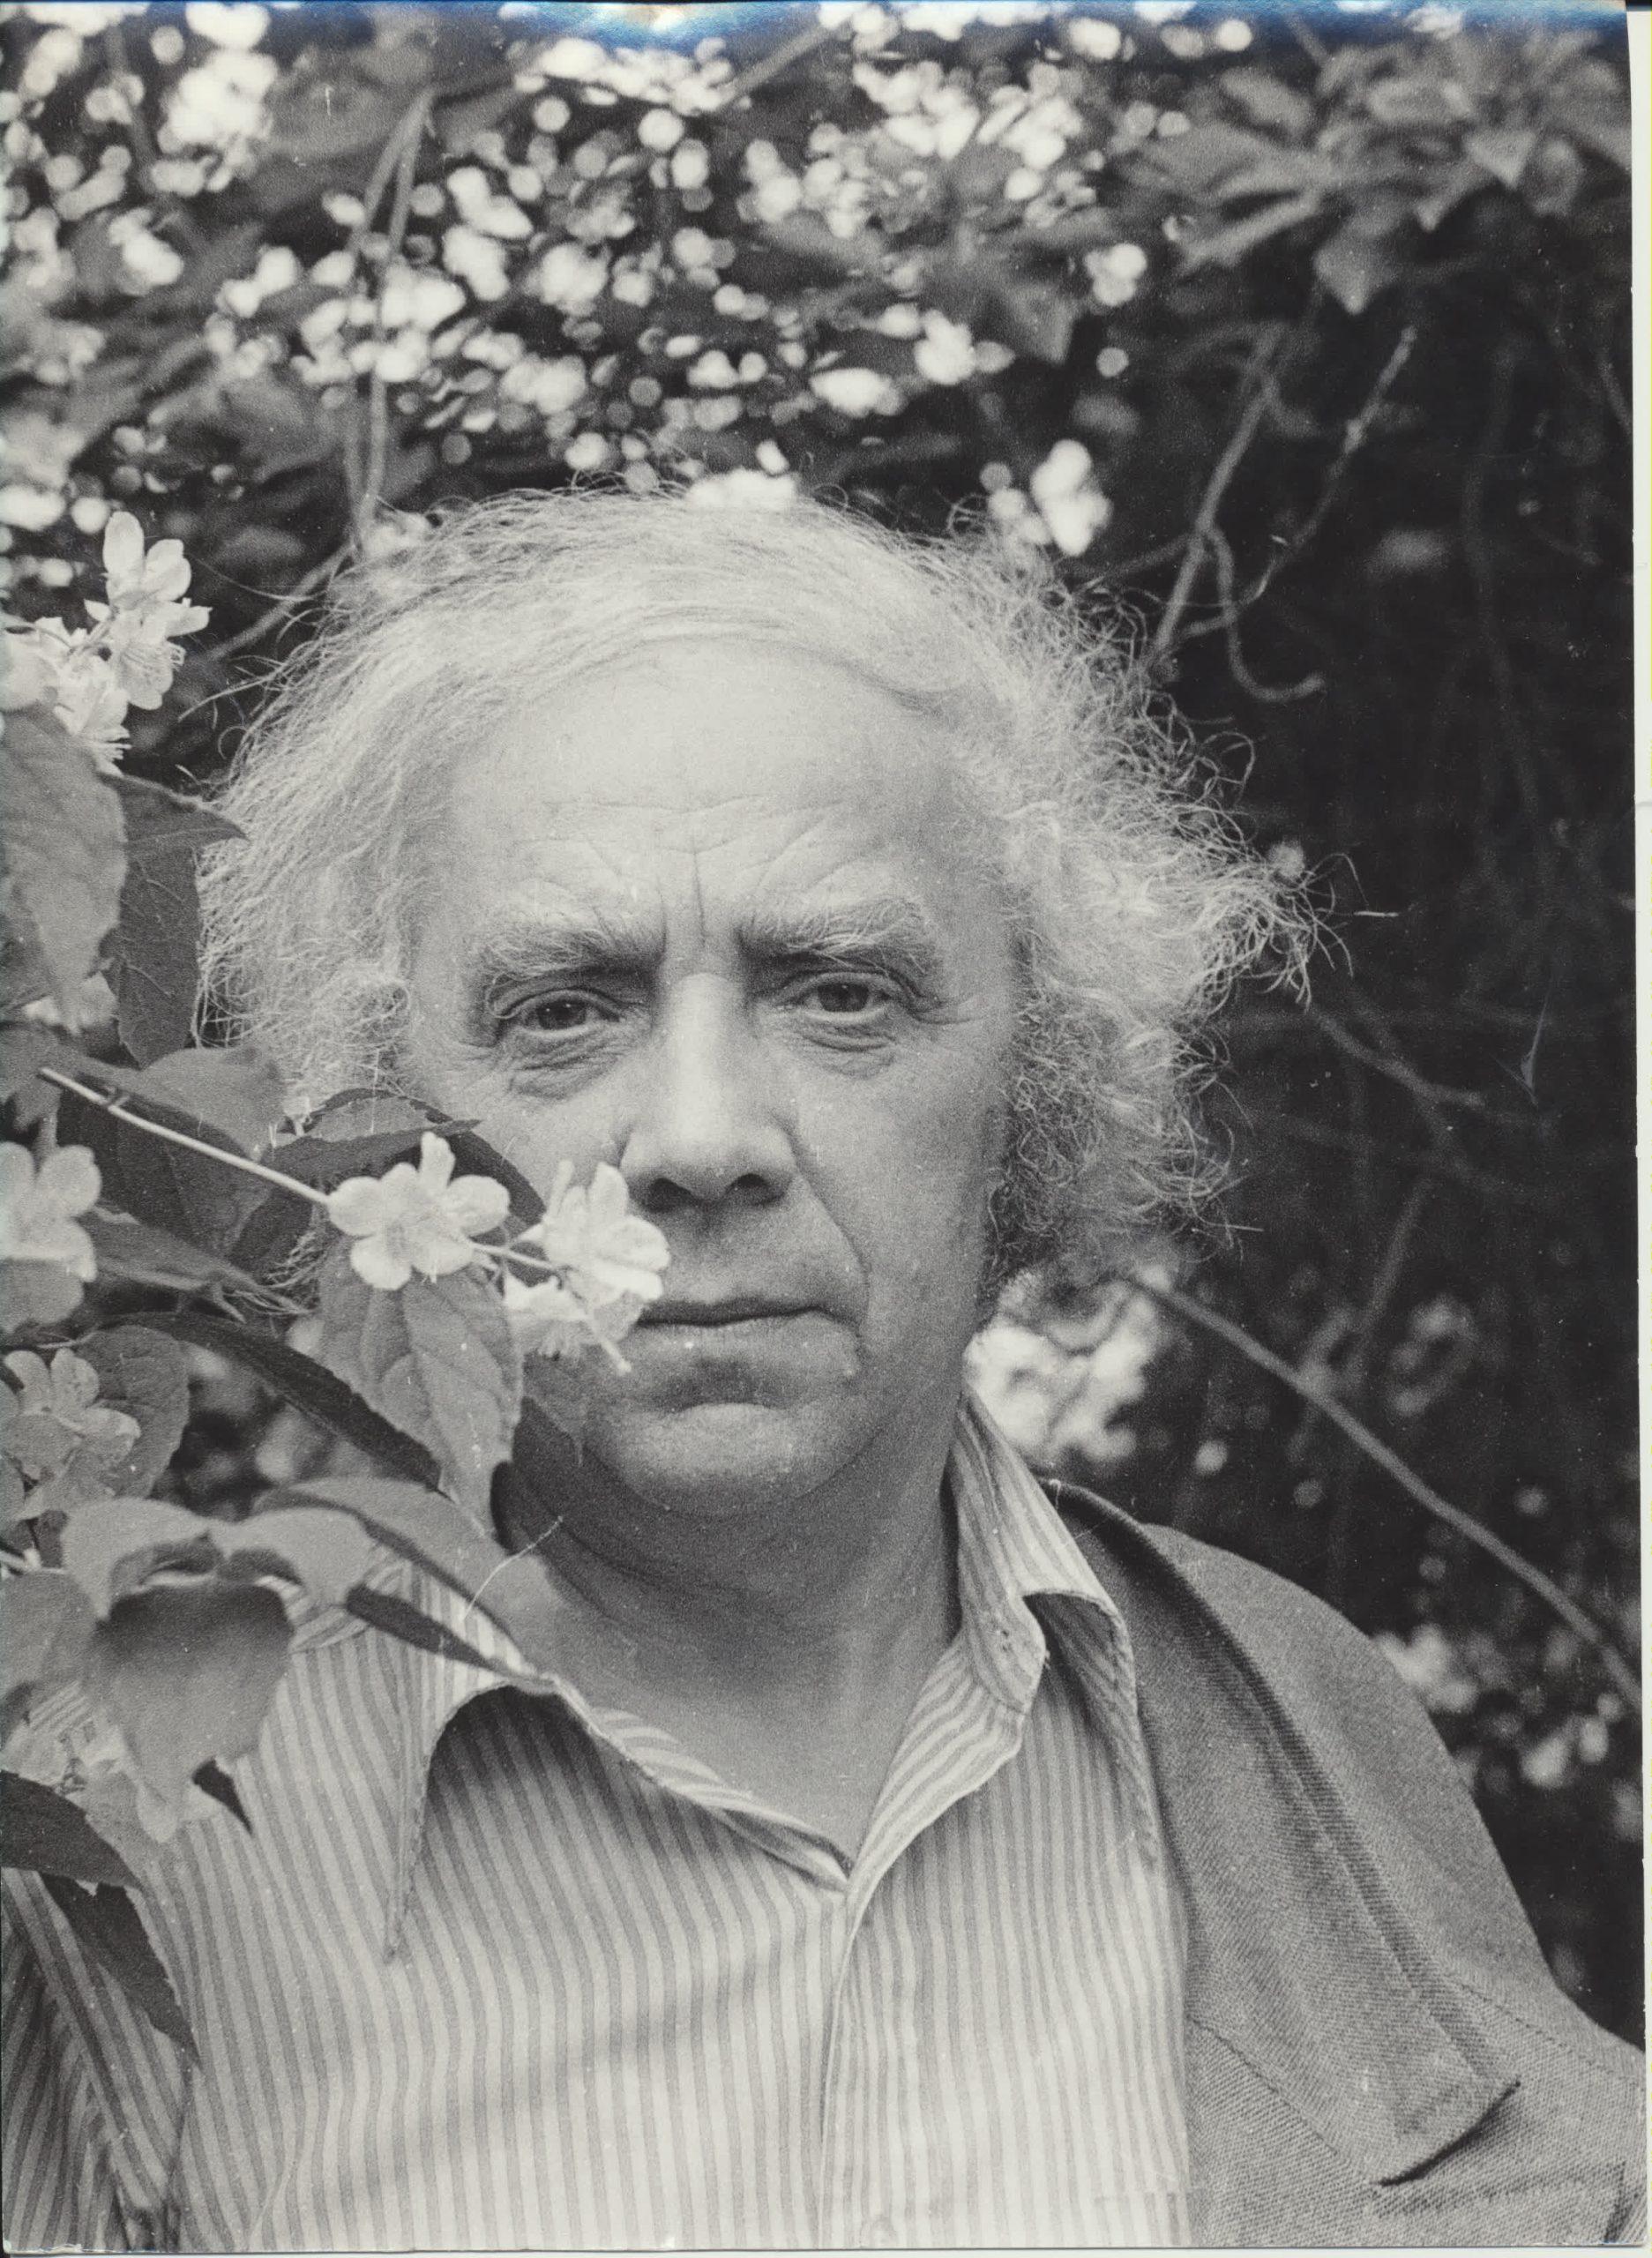 Poetas, vertėjas, spaudos darbuotojas Vacys Reimeris